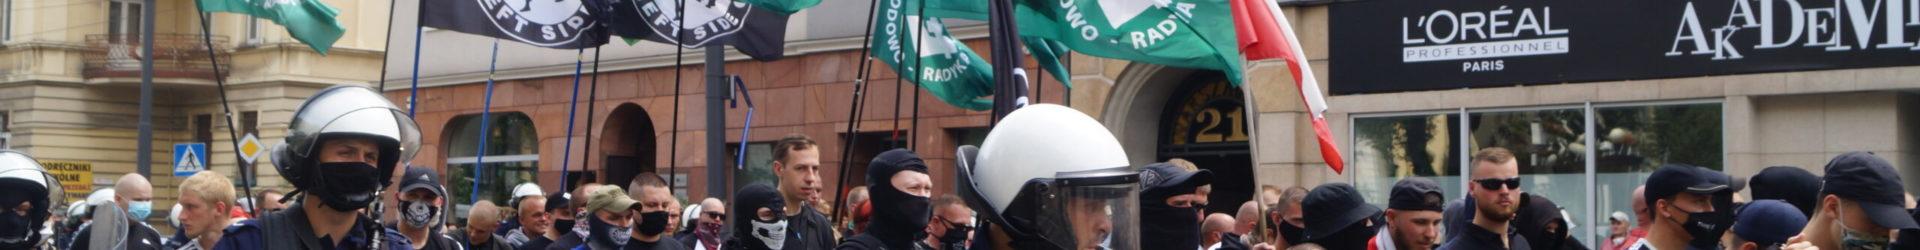 """""""Katowice miastem nacjonalizmu"""" – Marsz w Katowicach"""